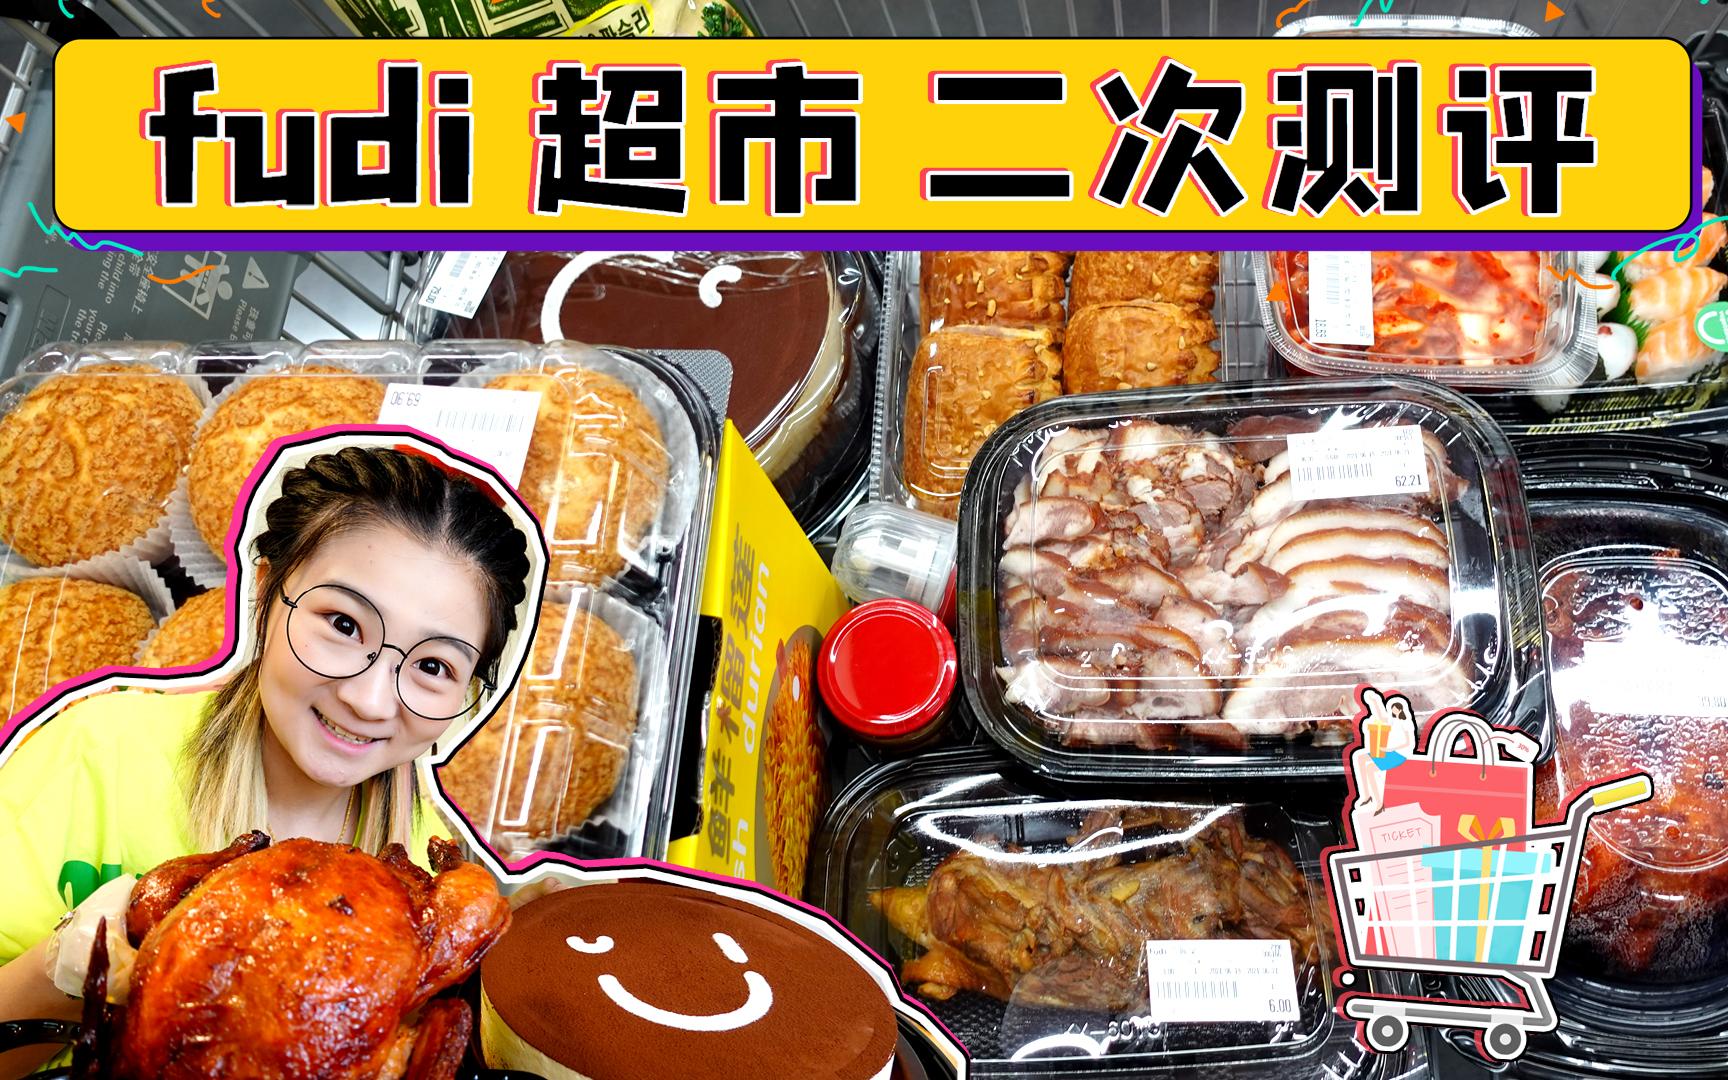 【逛吃北京】fudi超市二次测评!整只烤鸡、提拉米苏超划算!